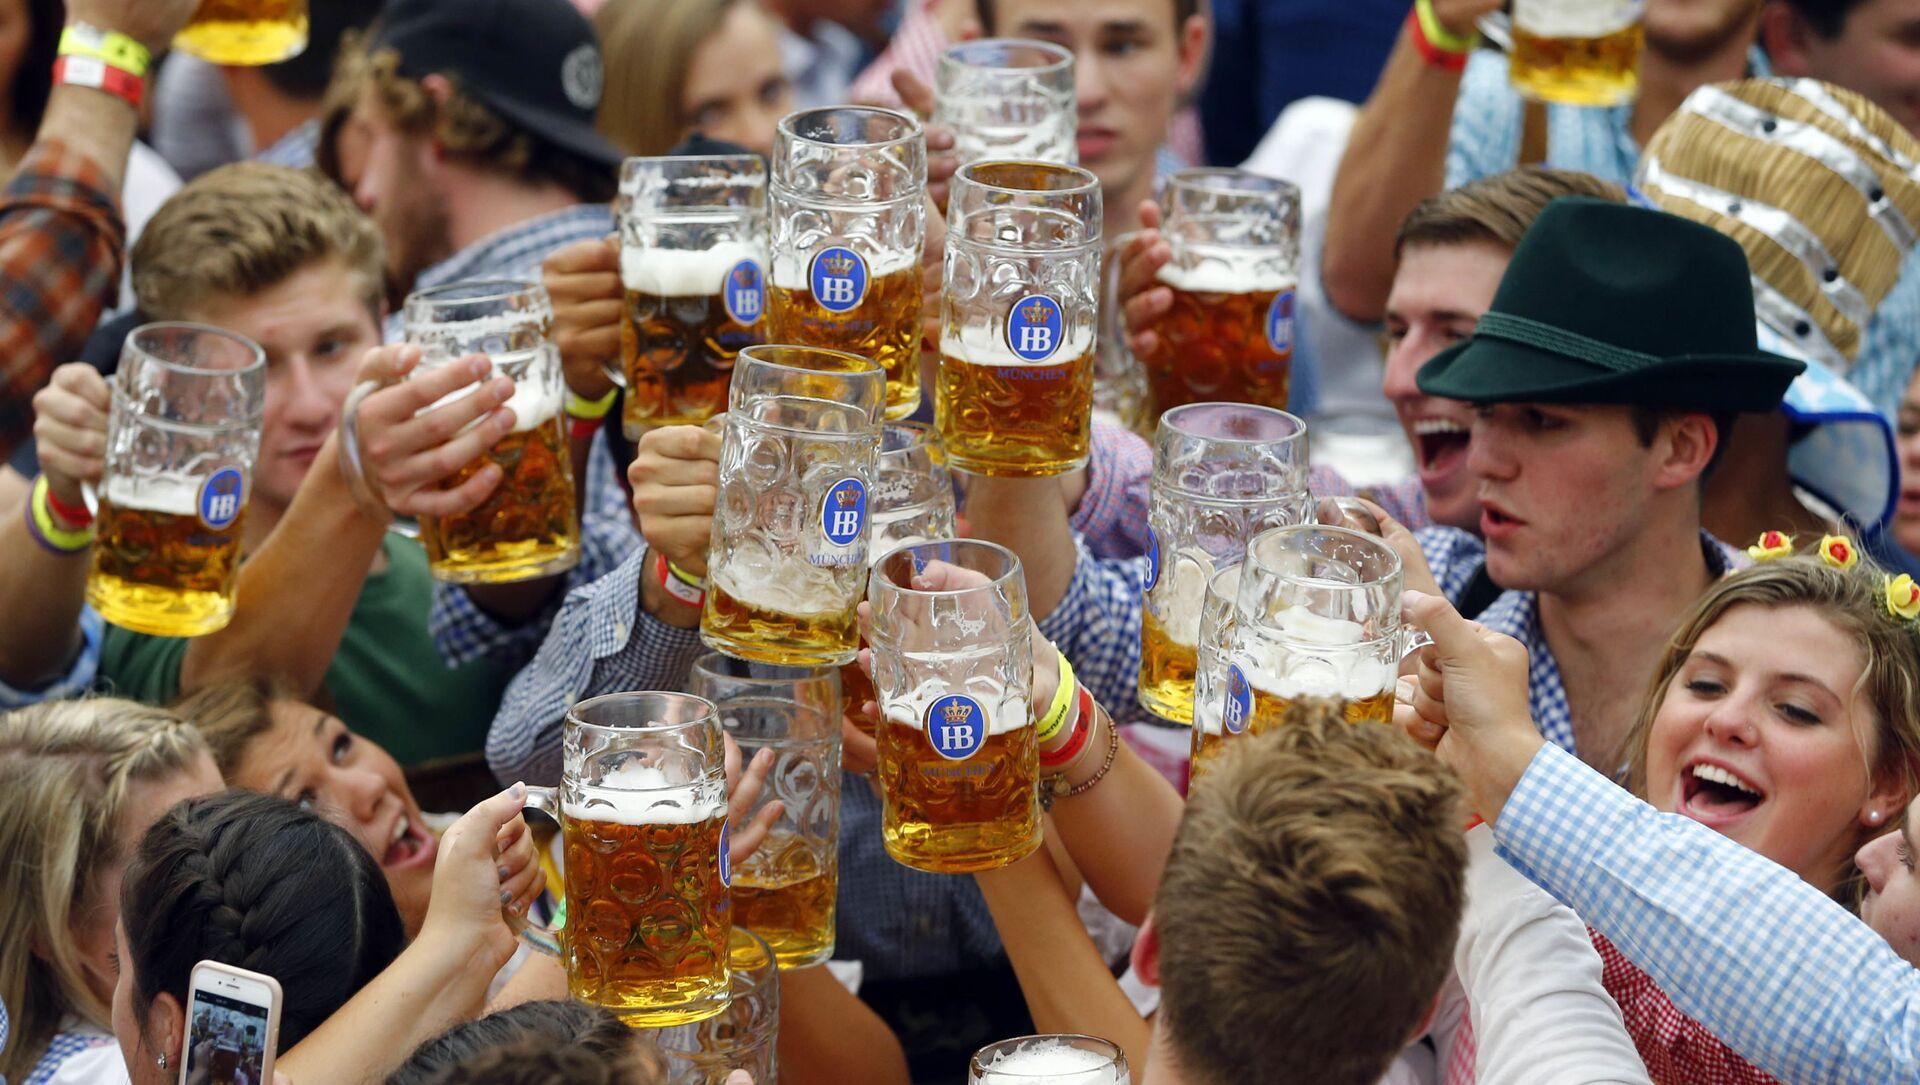 Rozpoczęcie festiwalu piwa Oktoberfest w Monachium - Sputnik Polska, 1920, 12.04.2021